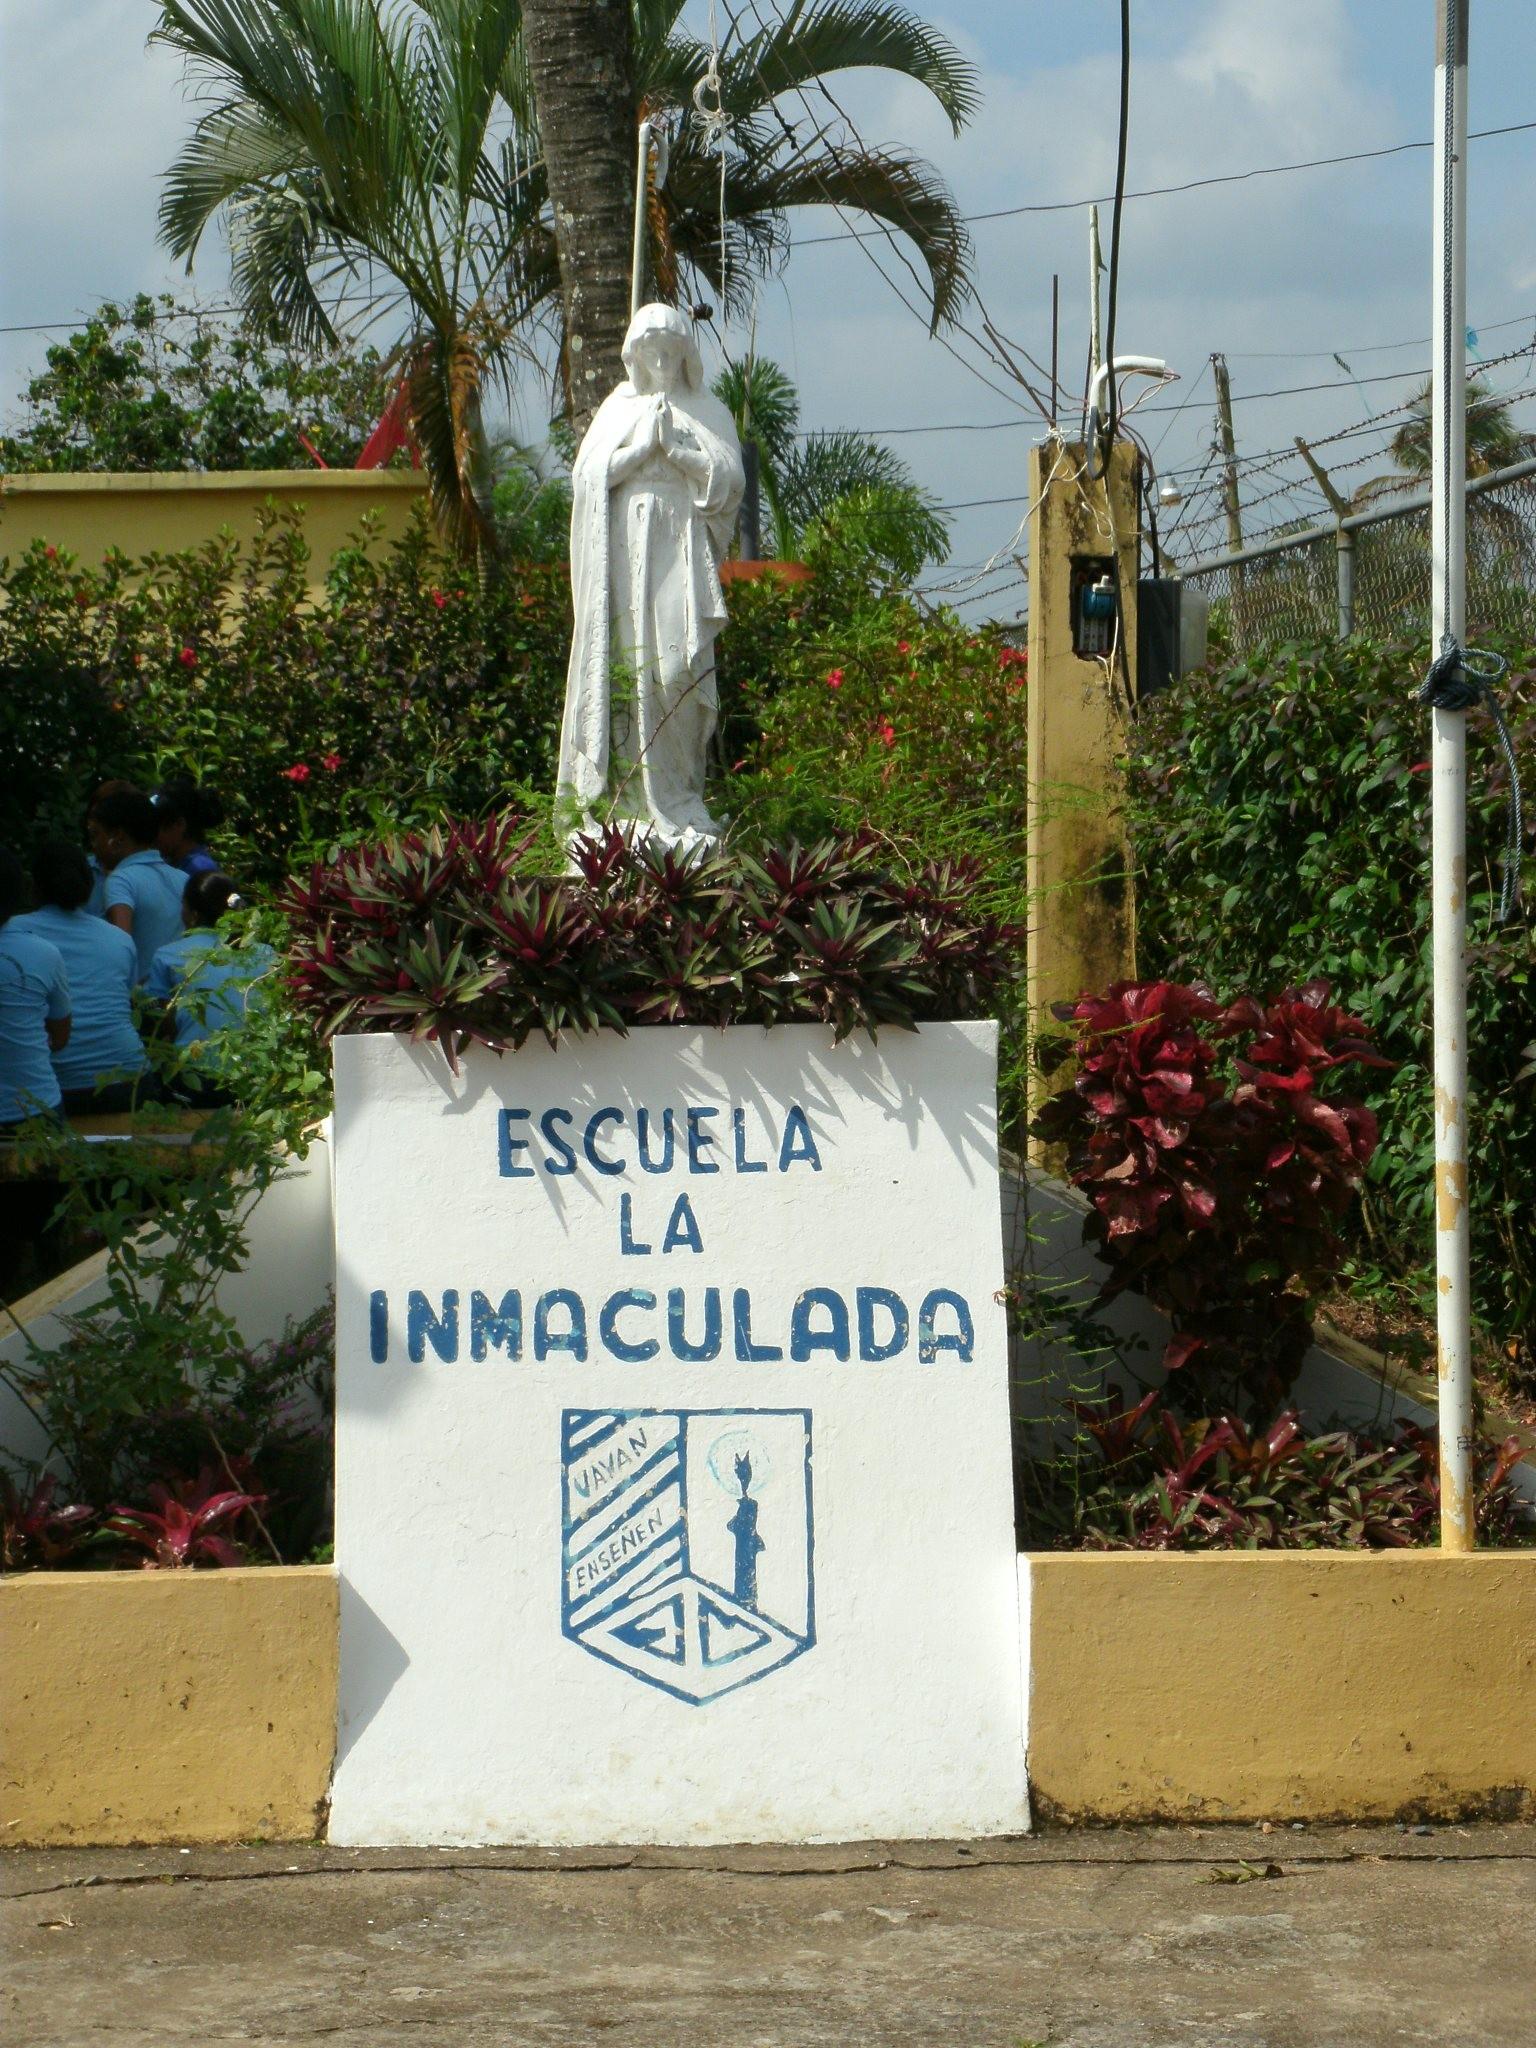 Escuela La Inmaculada